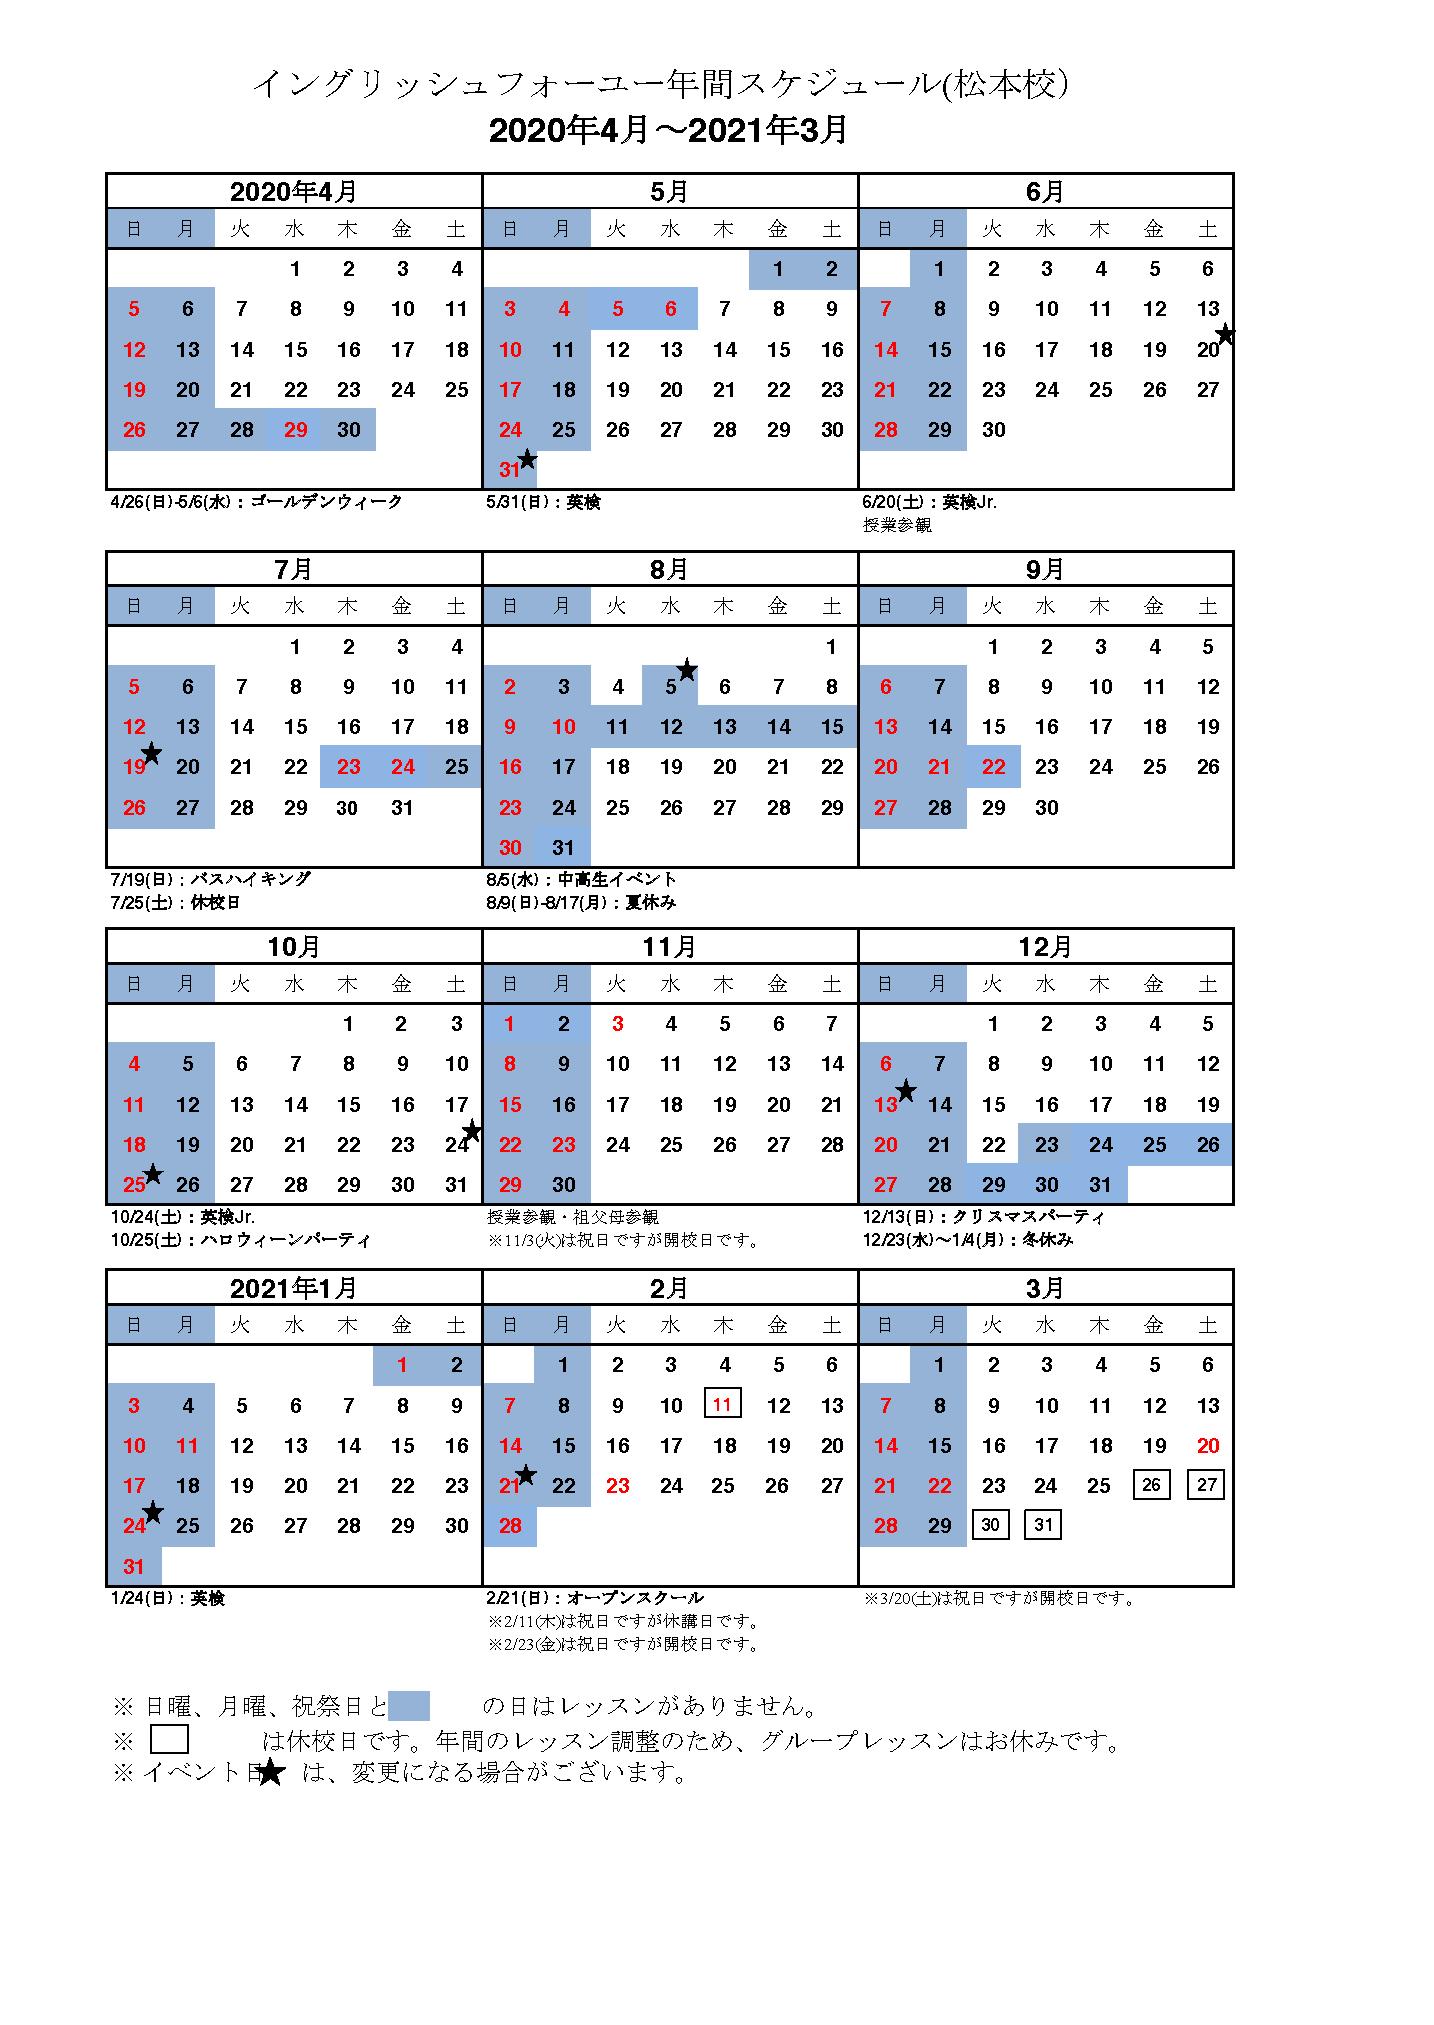 年間スケジュール(松本校)